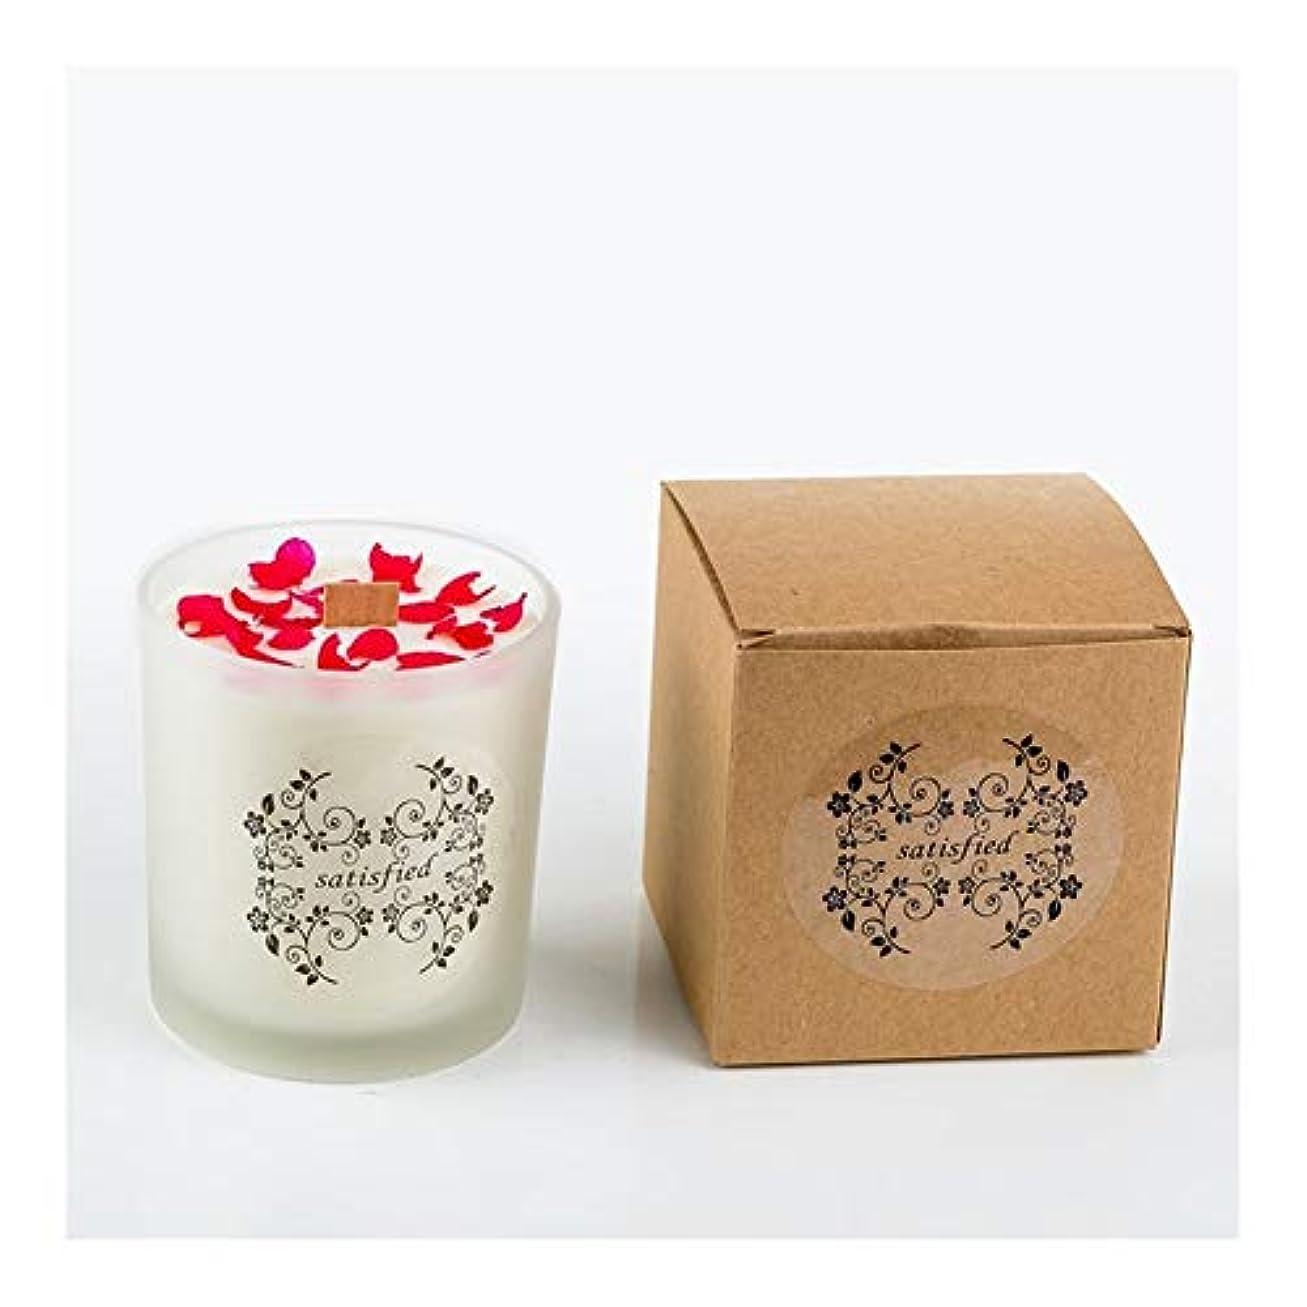 眠りシャンプー一般的に言えばACAO ロマンチックな香りのキャンドルエッセンシャルオイル大豆ワックスガラスアロマセラピーロマンチックな誕生日ギフトの提案無煙の香り (色 : Xiang Xuelan)